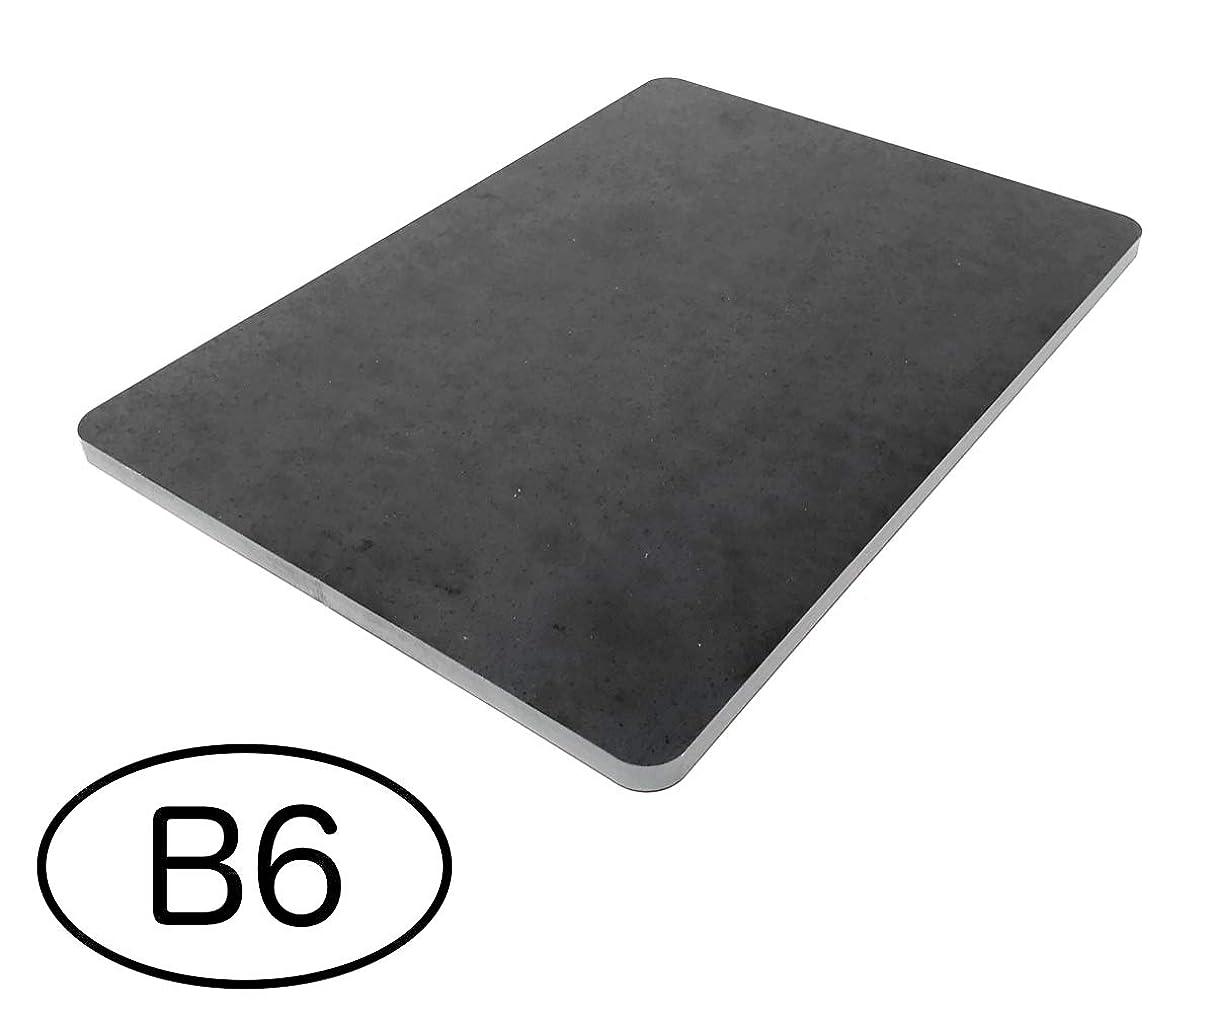 経営者精査するトースト角丸鉄板 6.0mm厚 B6サイズ(182mm x 128mm) PL-B6-6.0